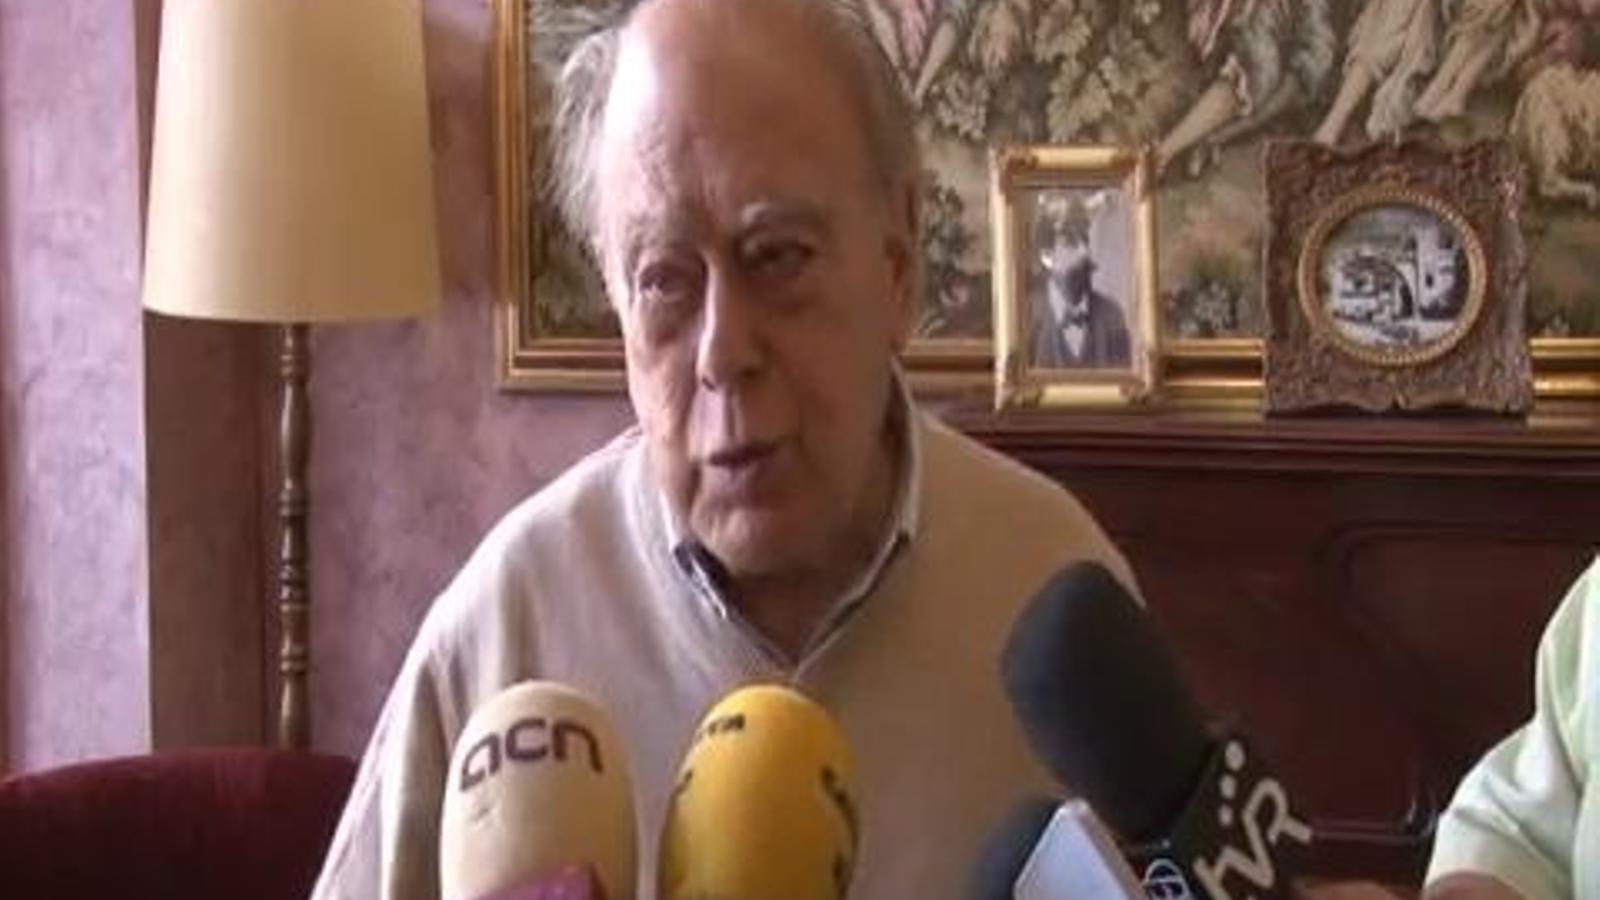 El que pensa Jordi Pujol de la manifestació de la Diada i de la posició d'Artur Mas